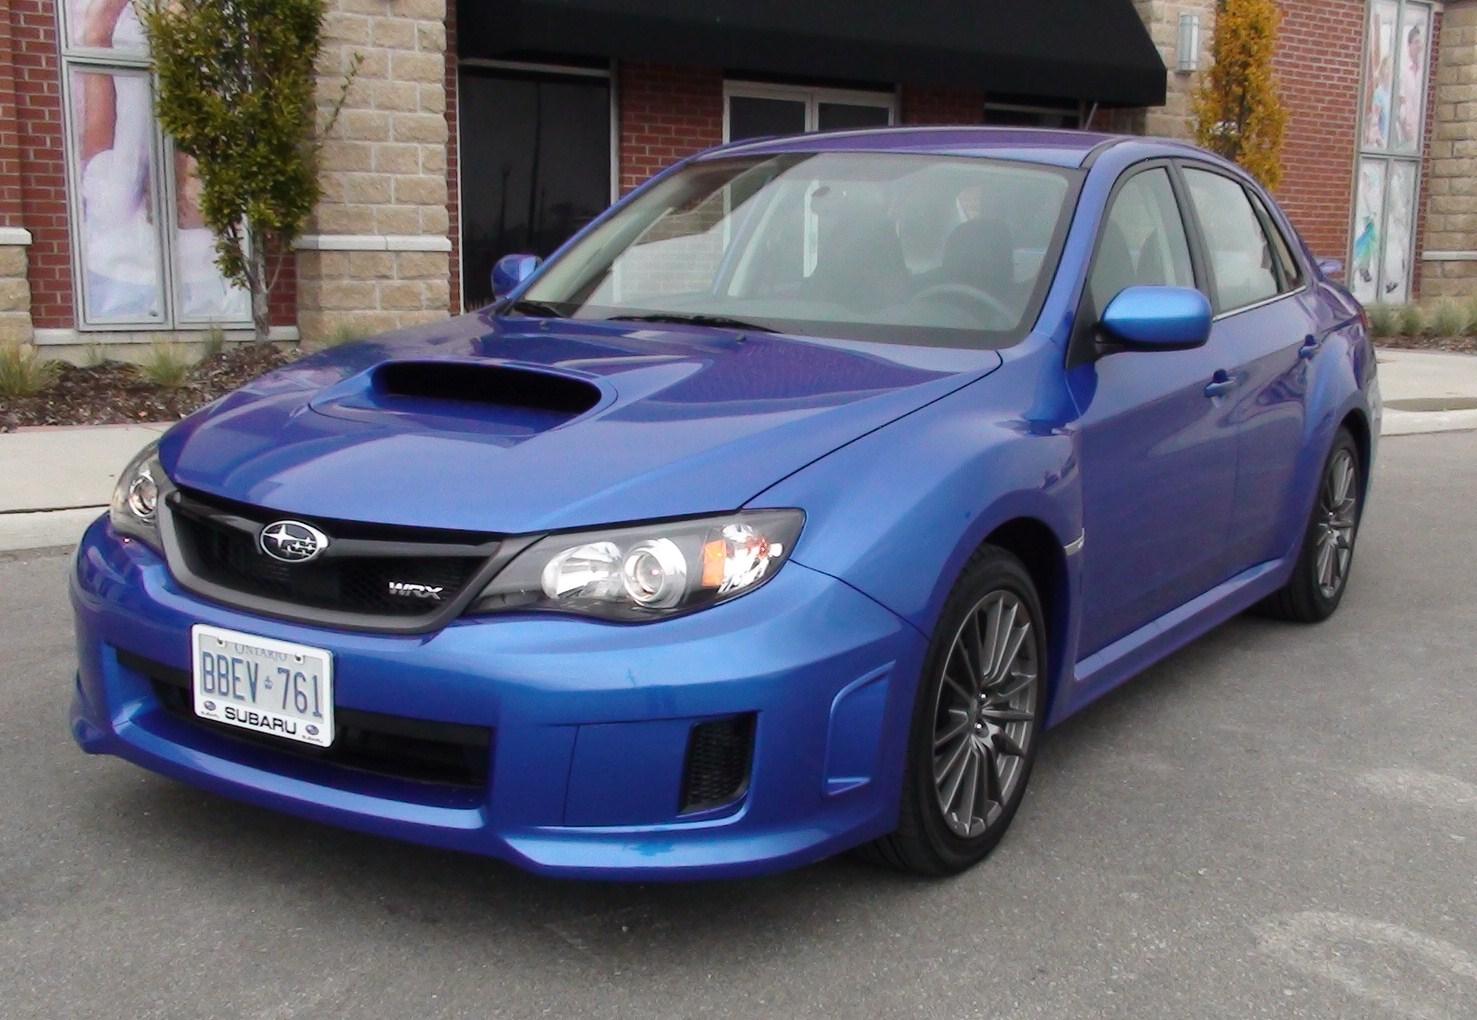 Subaru Impreza WRX (GV / GR) 07-11